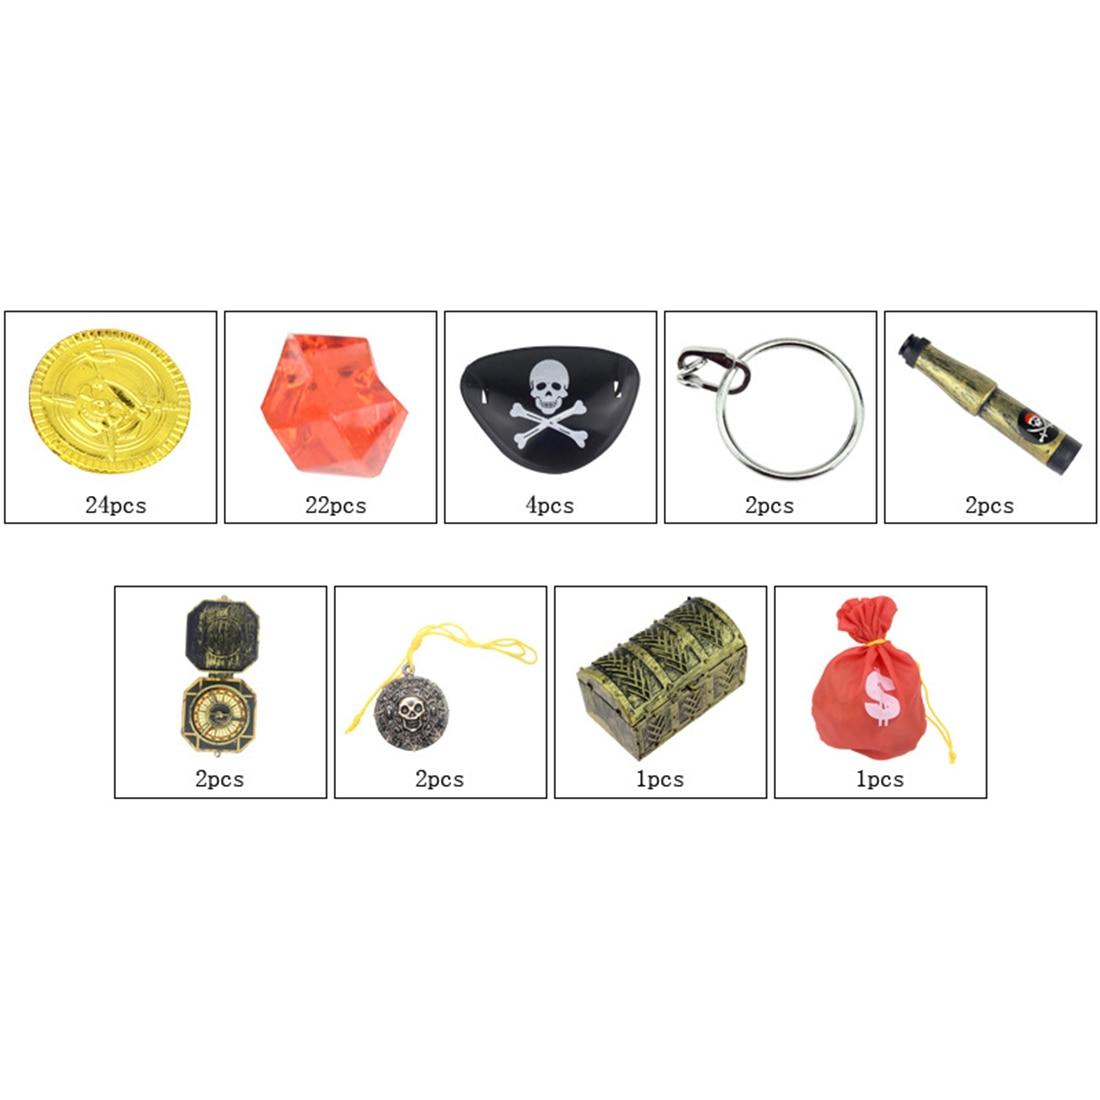 60 шт. пиратский костюм набор реквизитов Пиратская повязка на глаз покрытие для век золотые монеты пиратские драгоценные камни шкатулка для драгоценностей Детские вечерние принадлежности